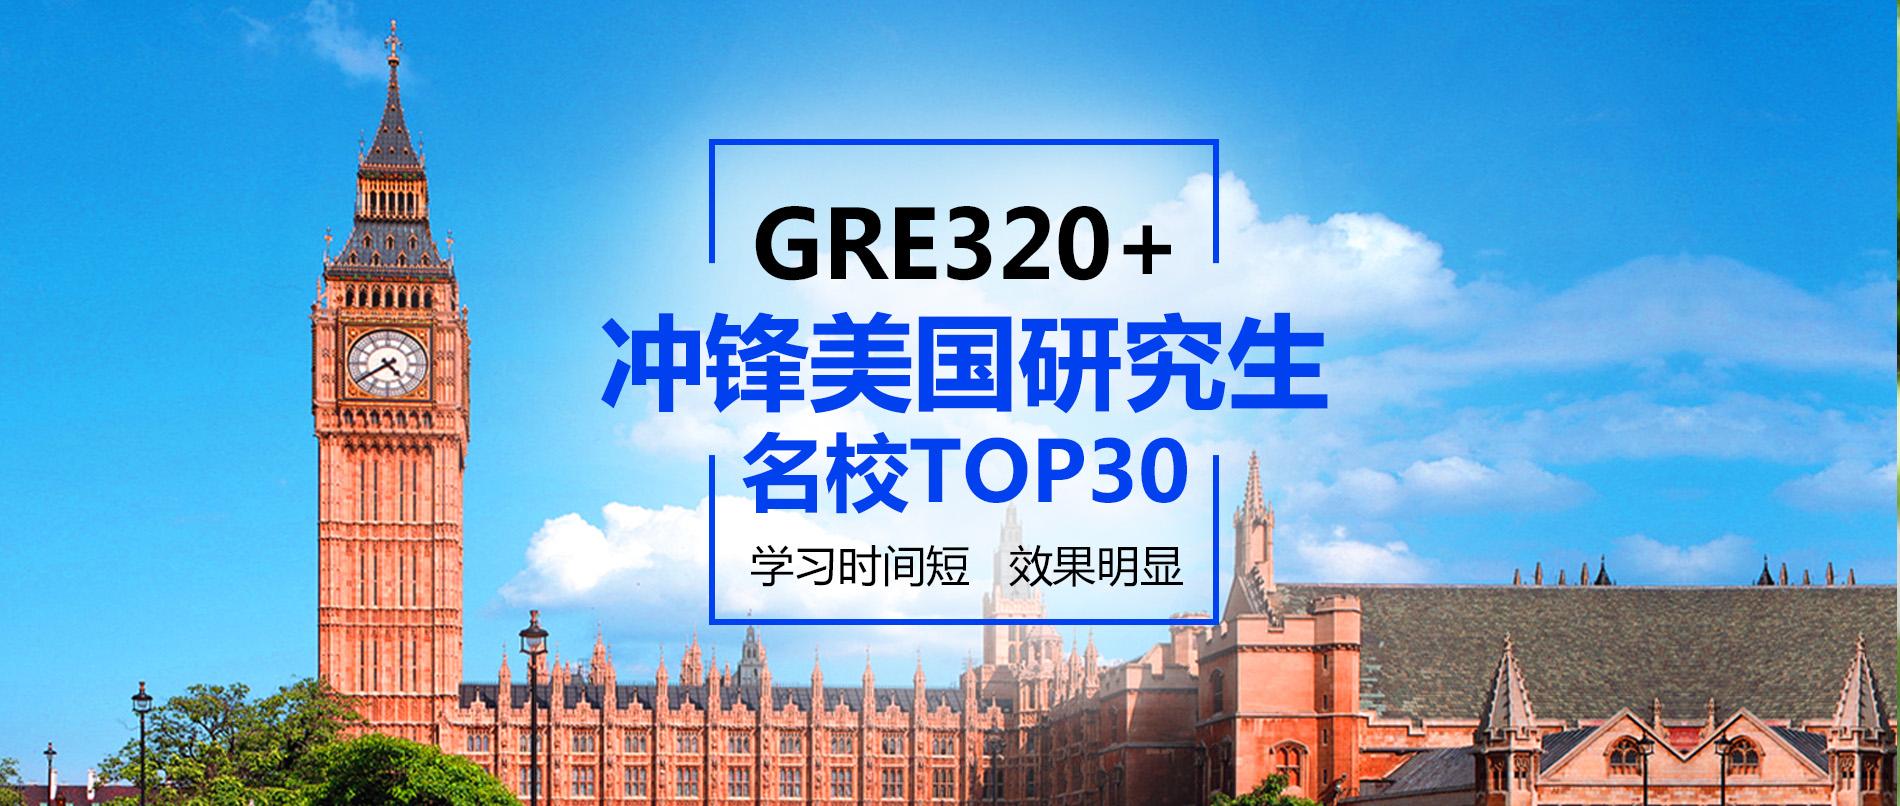 GRE320+